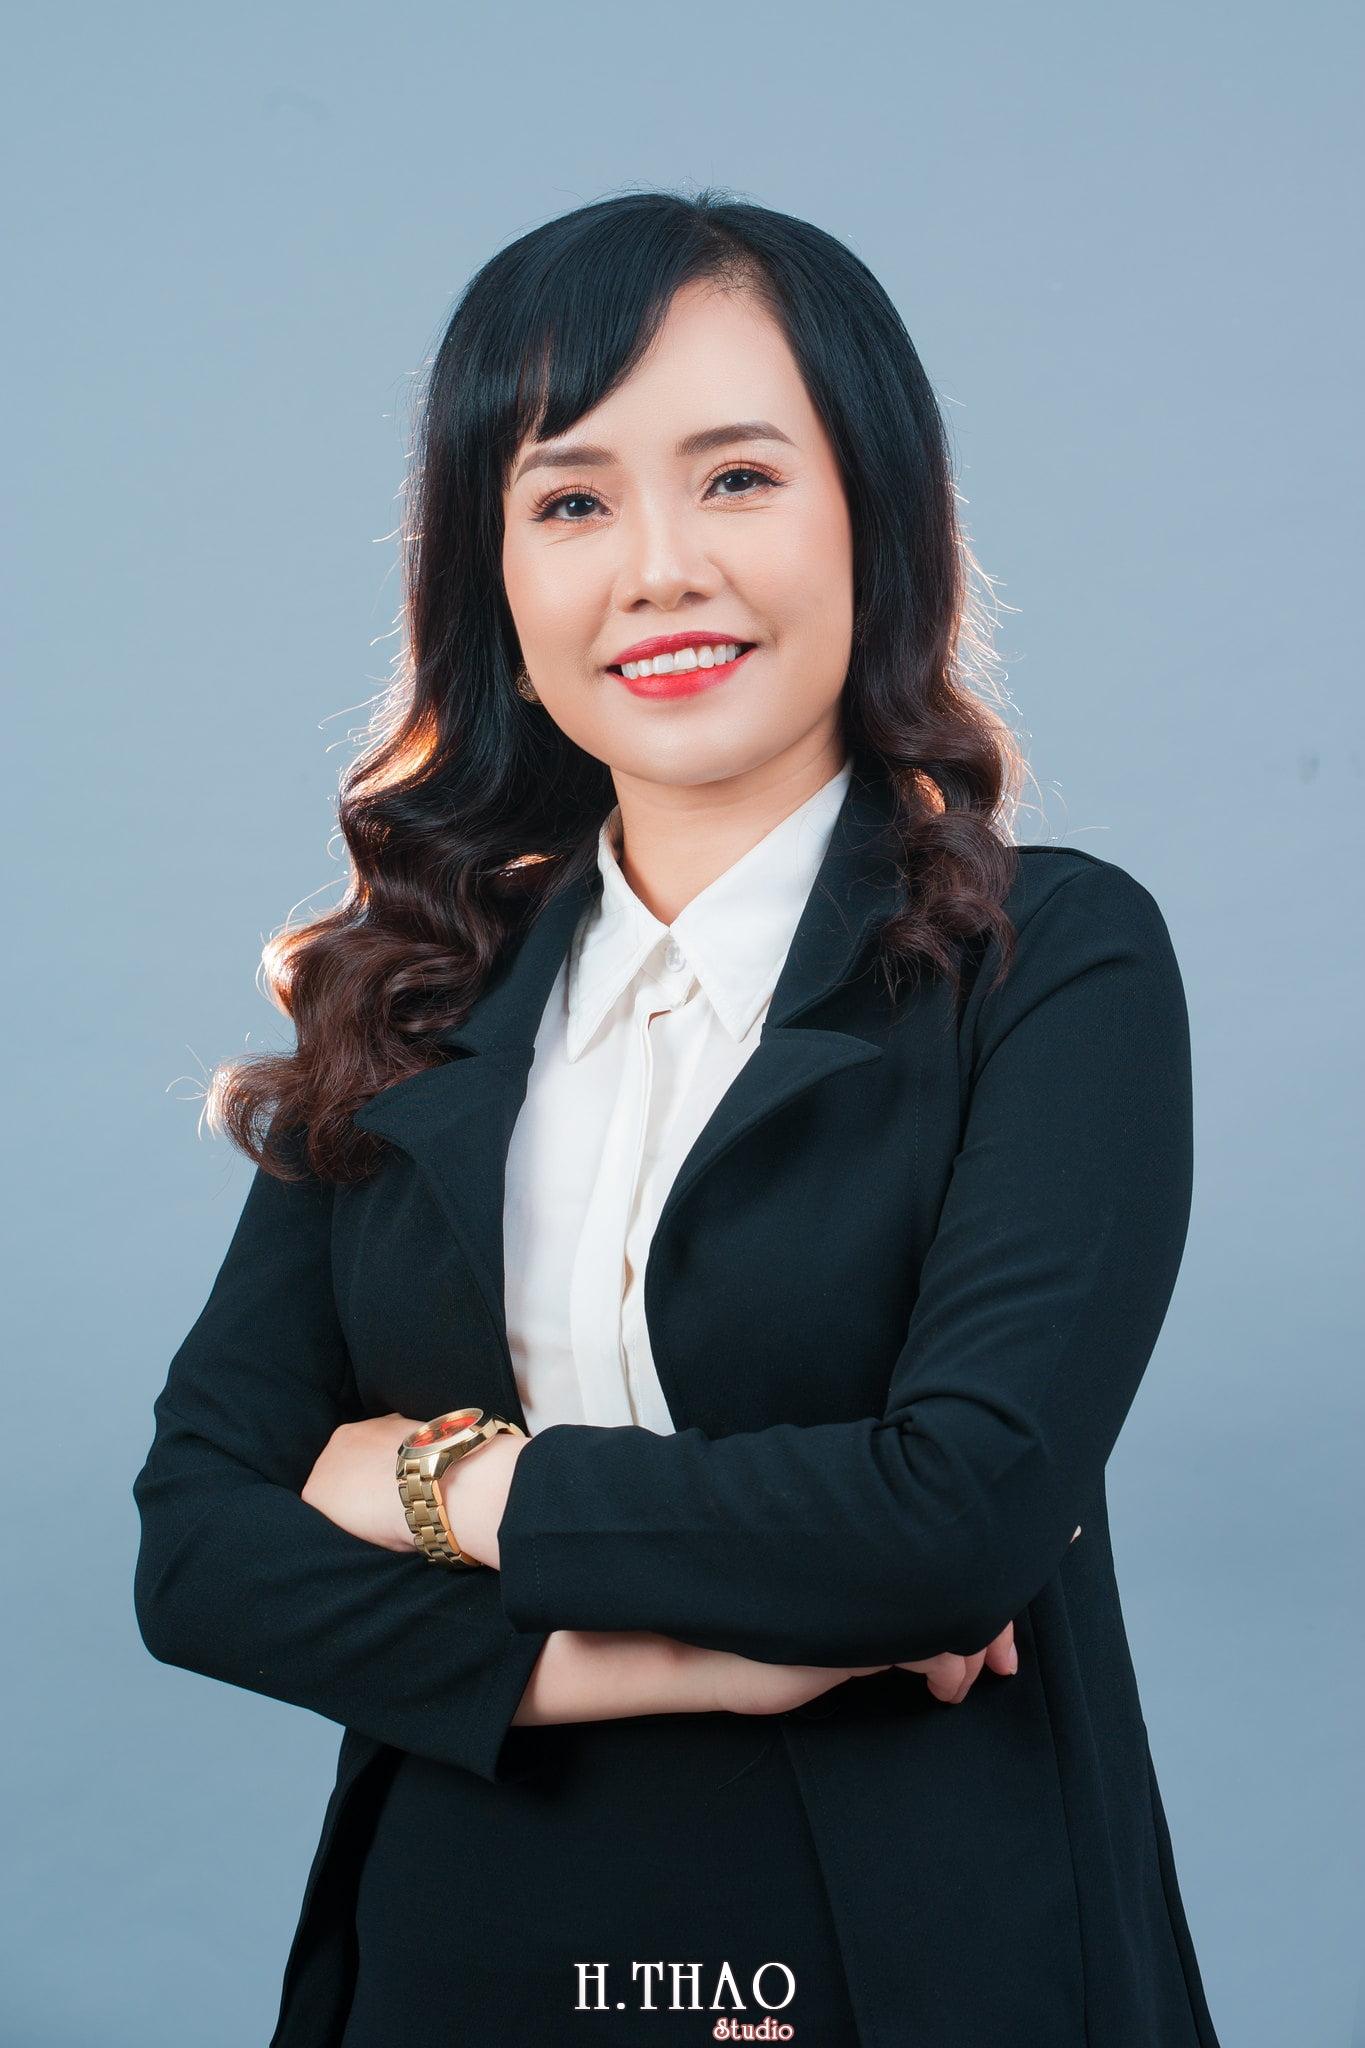 Thu Trang 7 - Chụp ảnh nữ doanh nhân Thu Trang tại HThao Studio – Tp.HCM